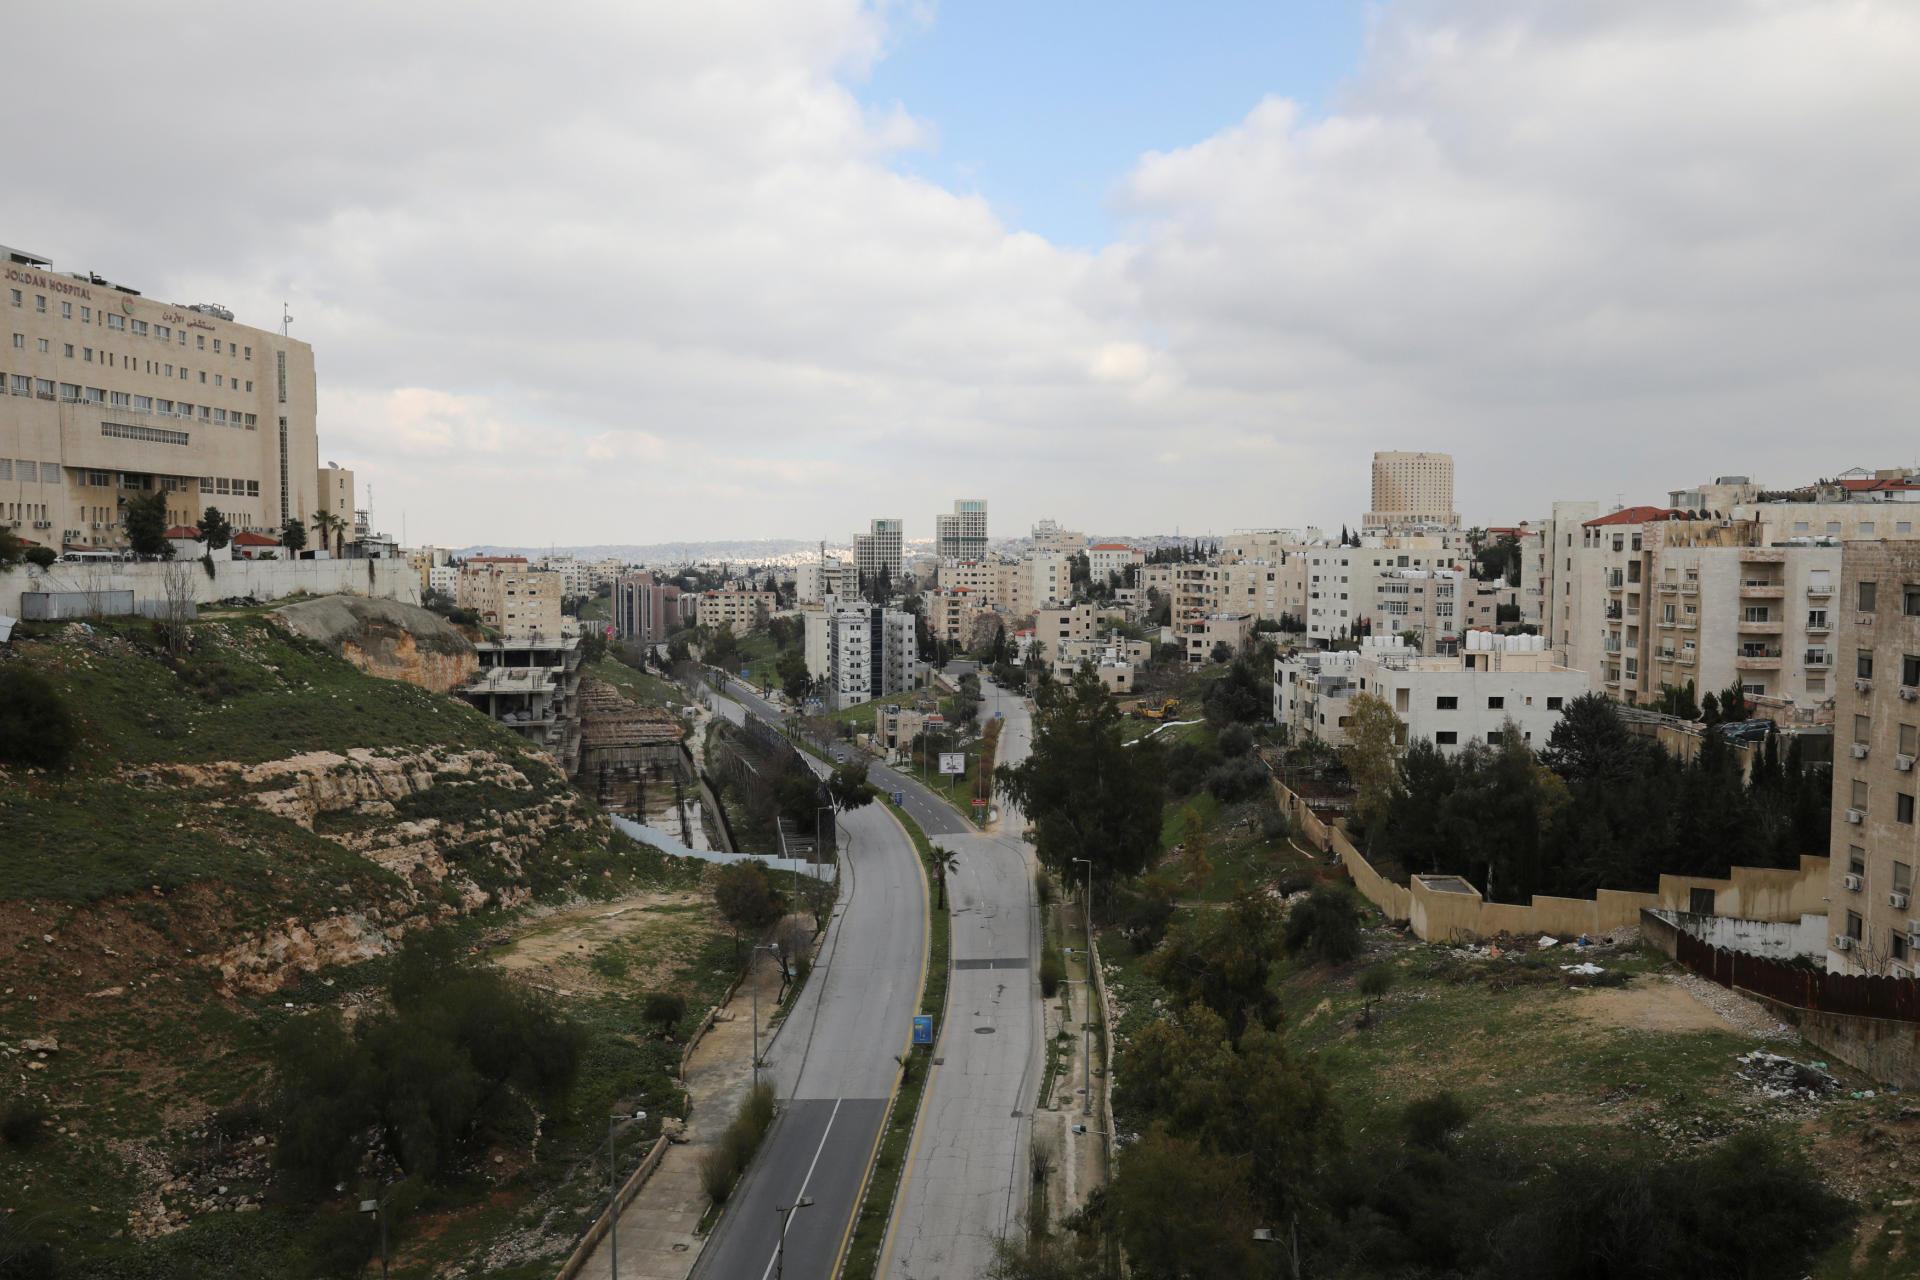 Les rues d'Amman, capitale de la Jordanie, le 22 mars.